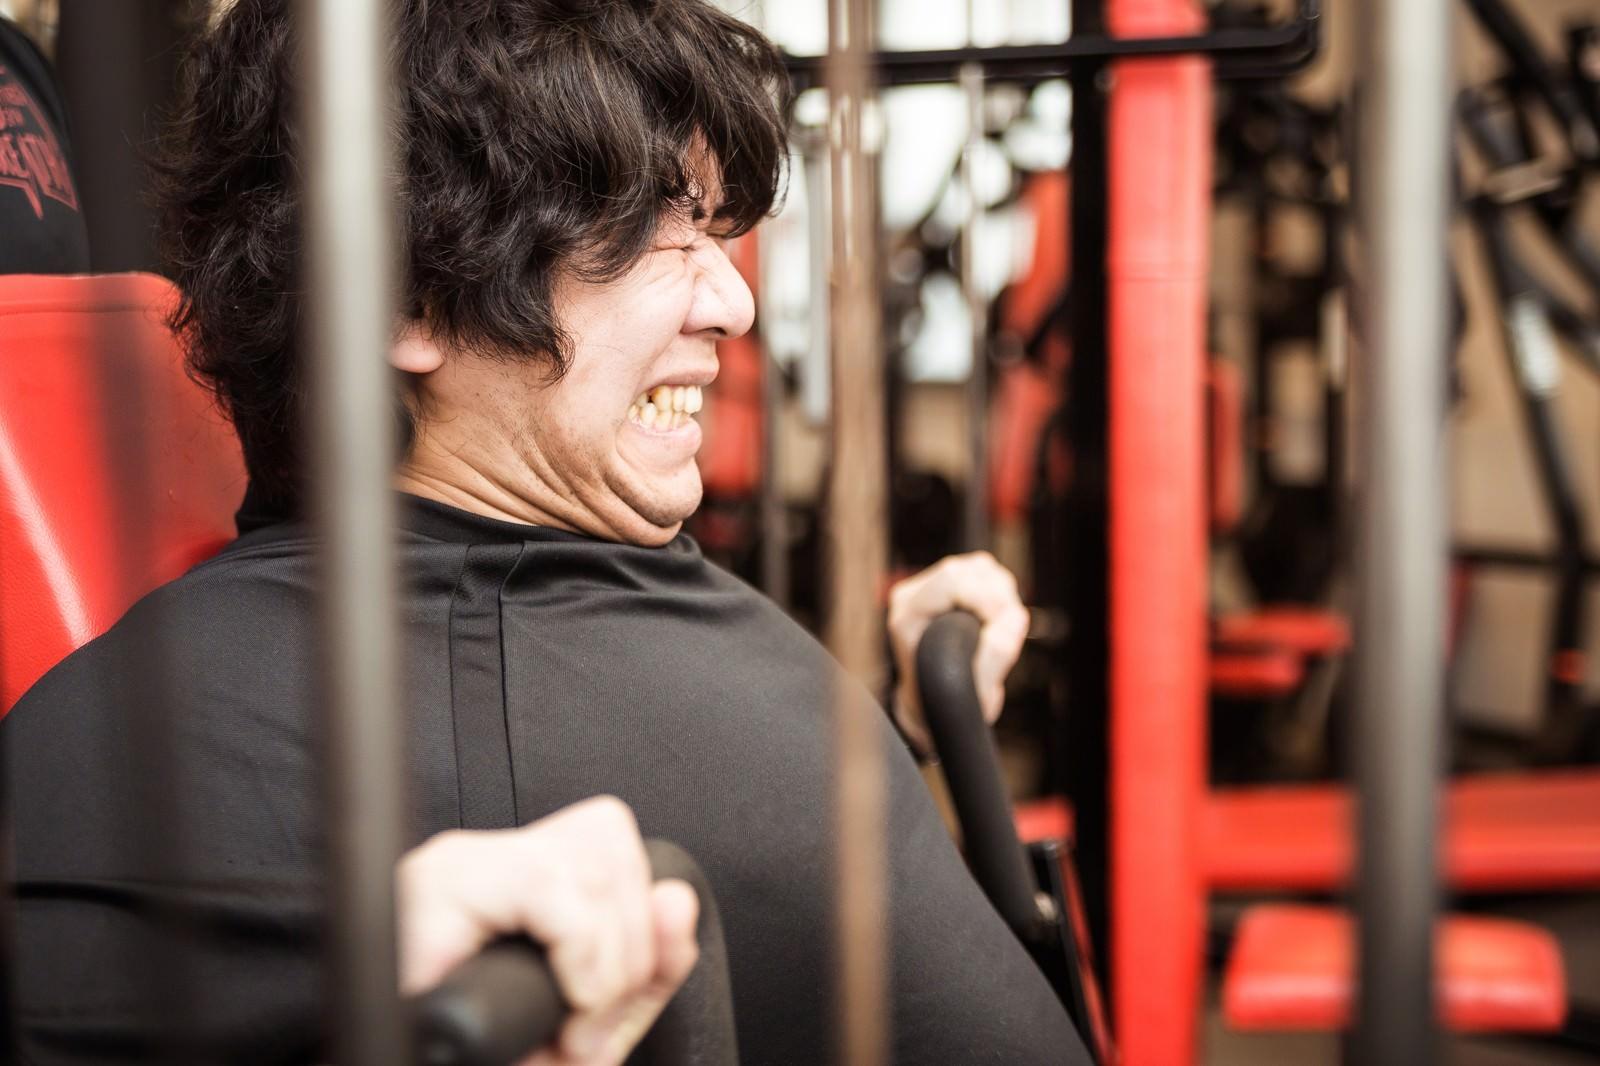 「チェストプレスで大胸筋を鍛えるトレーニー」の写真[モデル:朽木誠一郎]